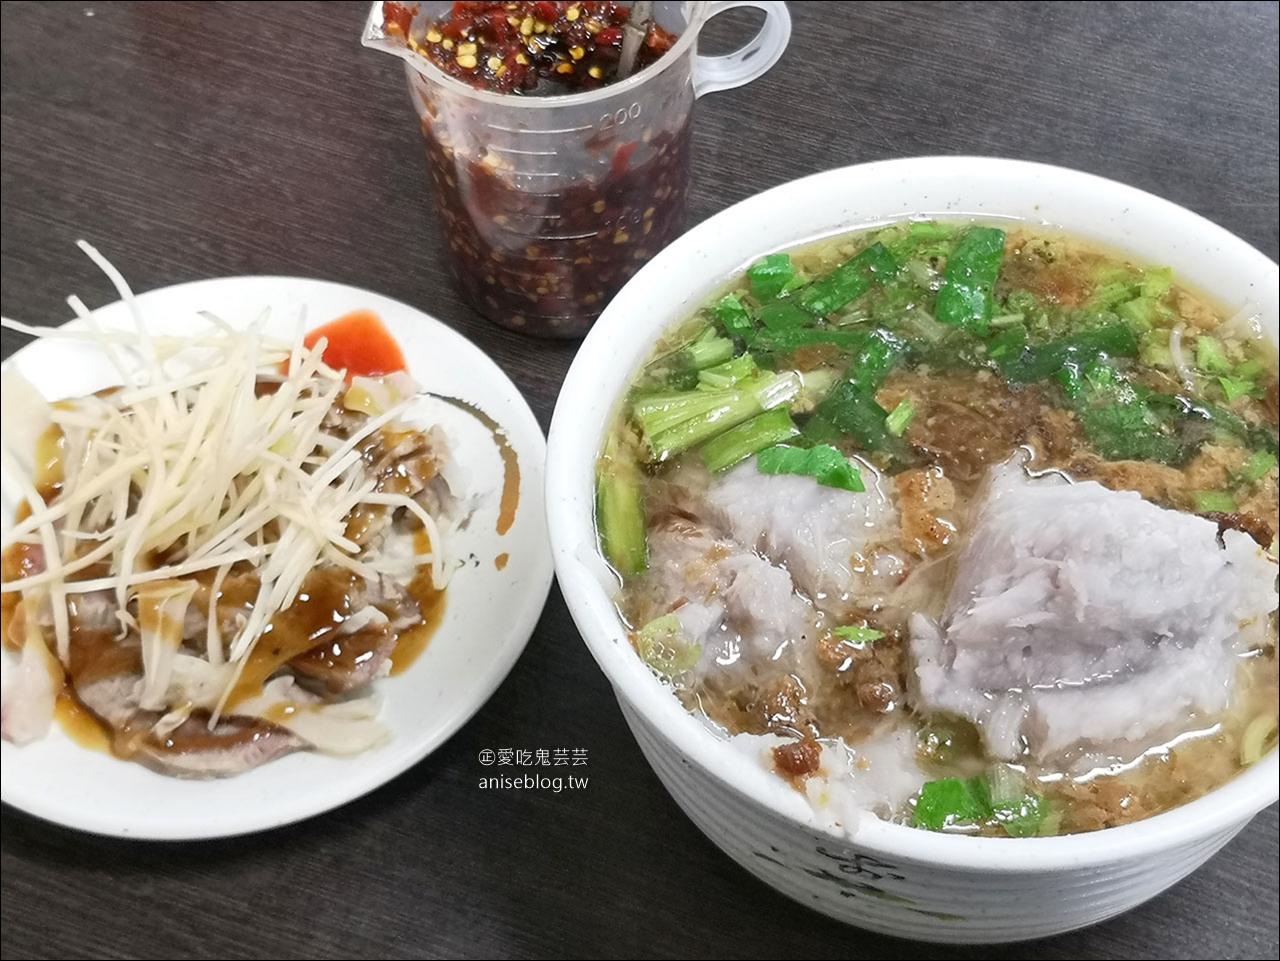 模範街芋頭米粉湯(珍品小吃),台中人推薦的在地早餐